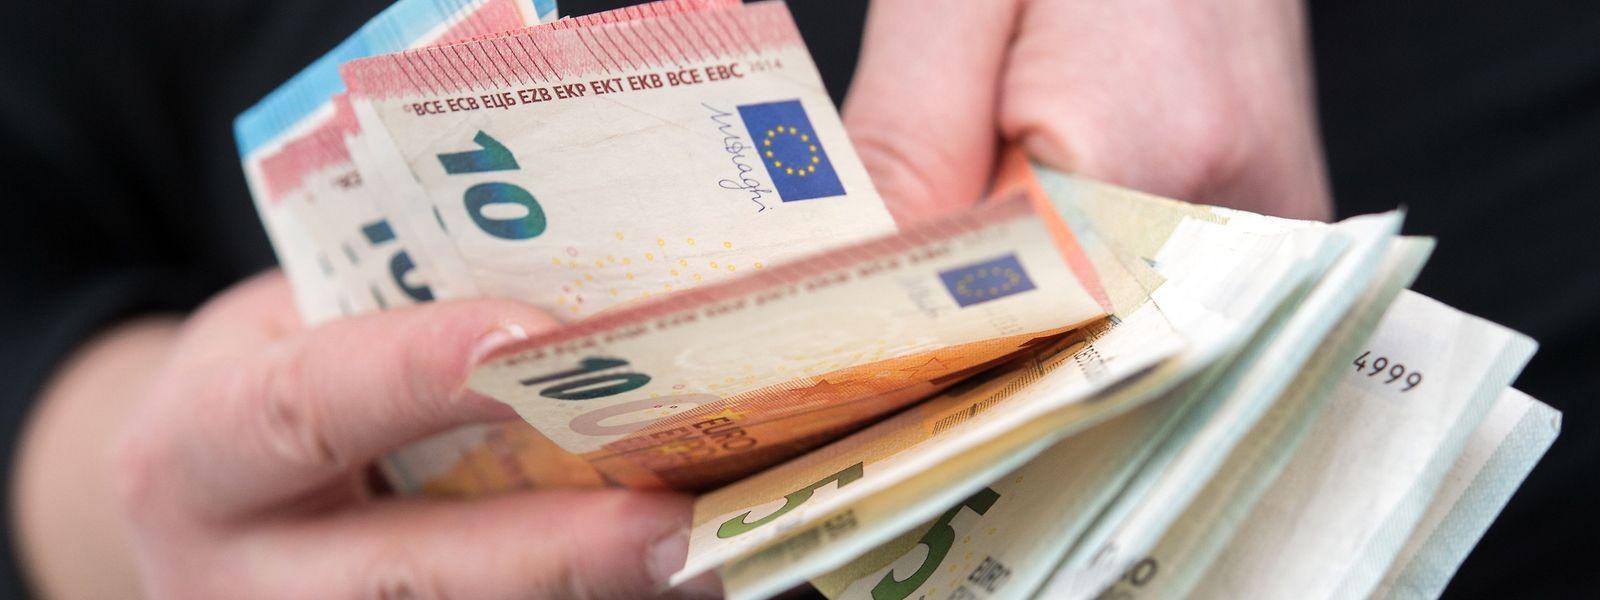 Laut Nicolas Schmit soll zum 1. Januar 2019 der Nettomindestlohn um 100 Euro im Vergleich zu heute erhöht werden.